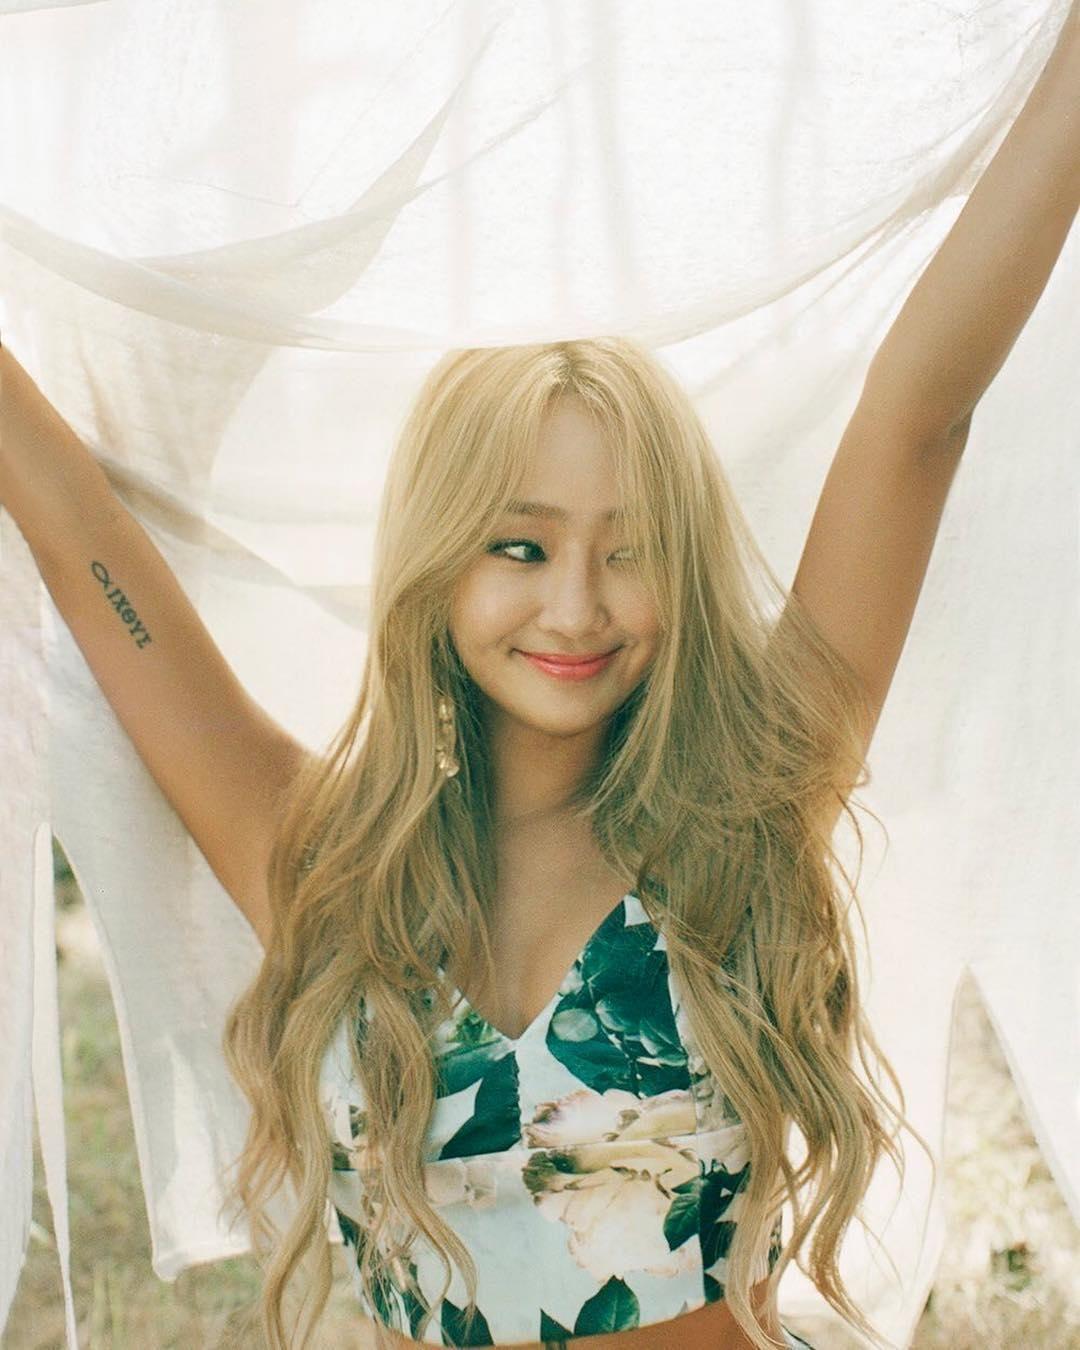 ERASE (HYORIN X JOOYOUNG) - HyoRin (Sistar) - LETRAS.COM Hyorin Sistar